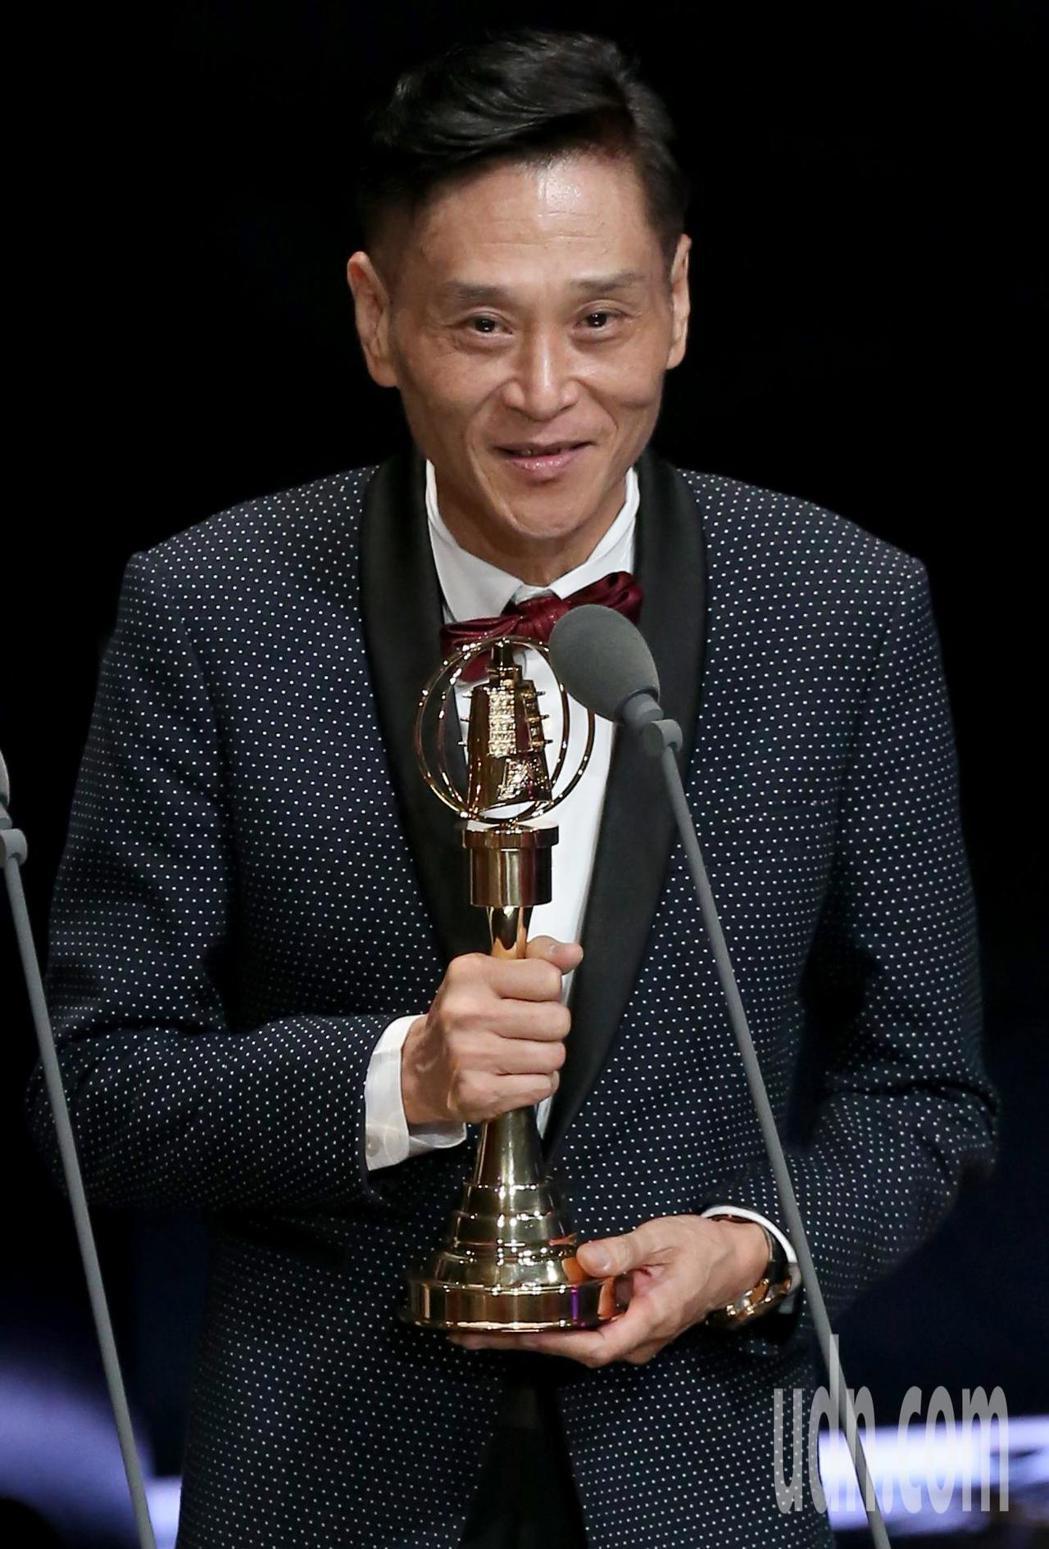 喜翔獲迷你劇集(電視電影)男配角獎。記者林澔一/攝影